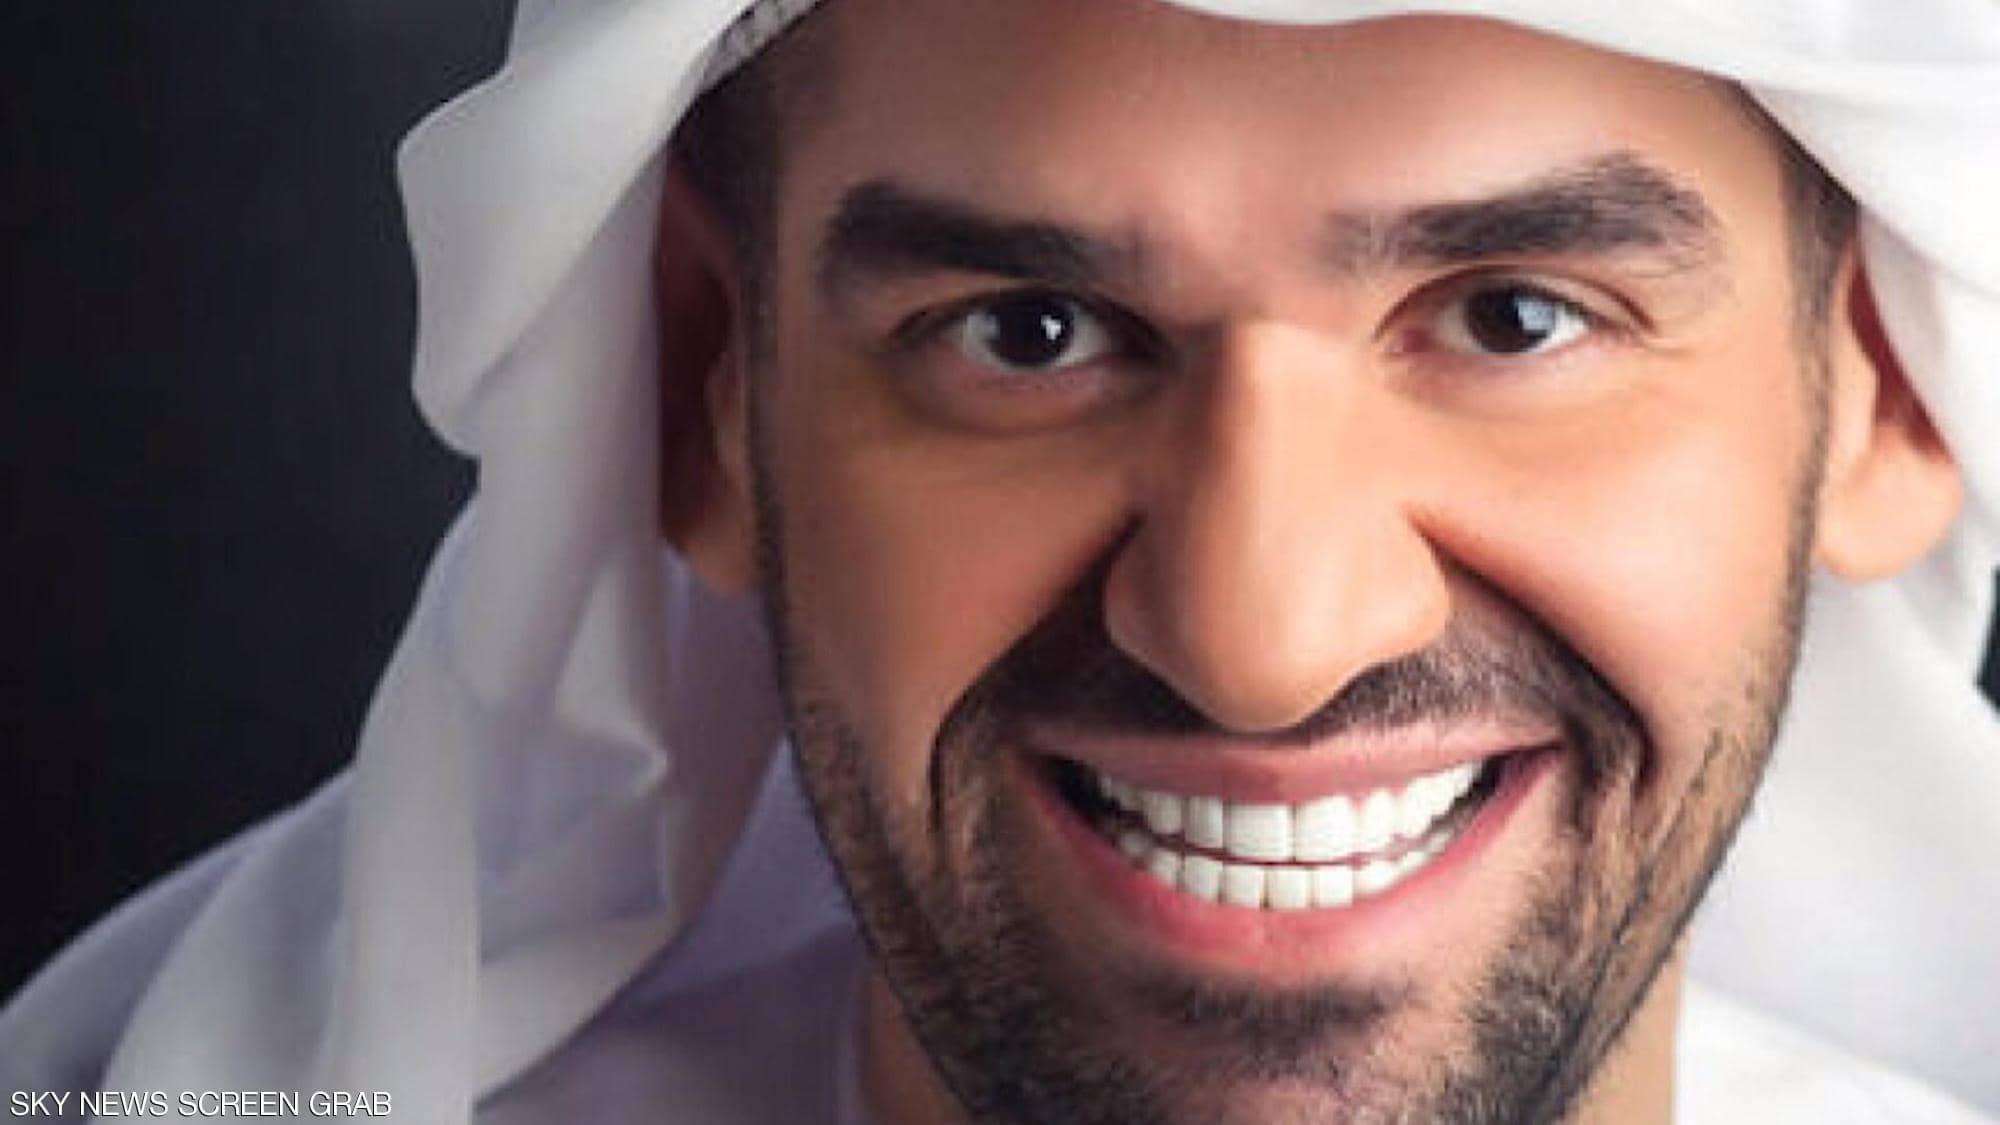 شاهد ماذا حدث للفنان حسين الجسمي .. صورته بعد تجميل أنفه وإطالة شعره تثير جدلاً!